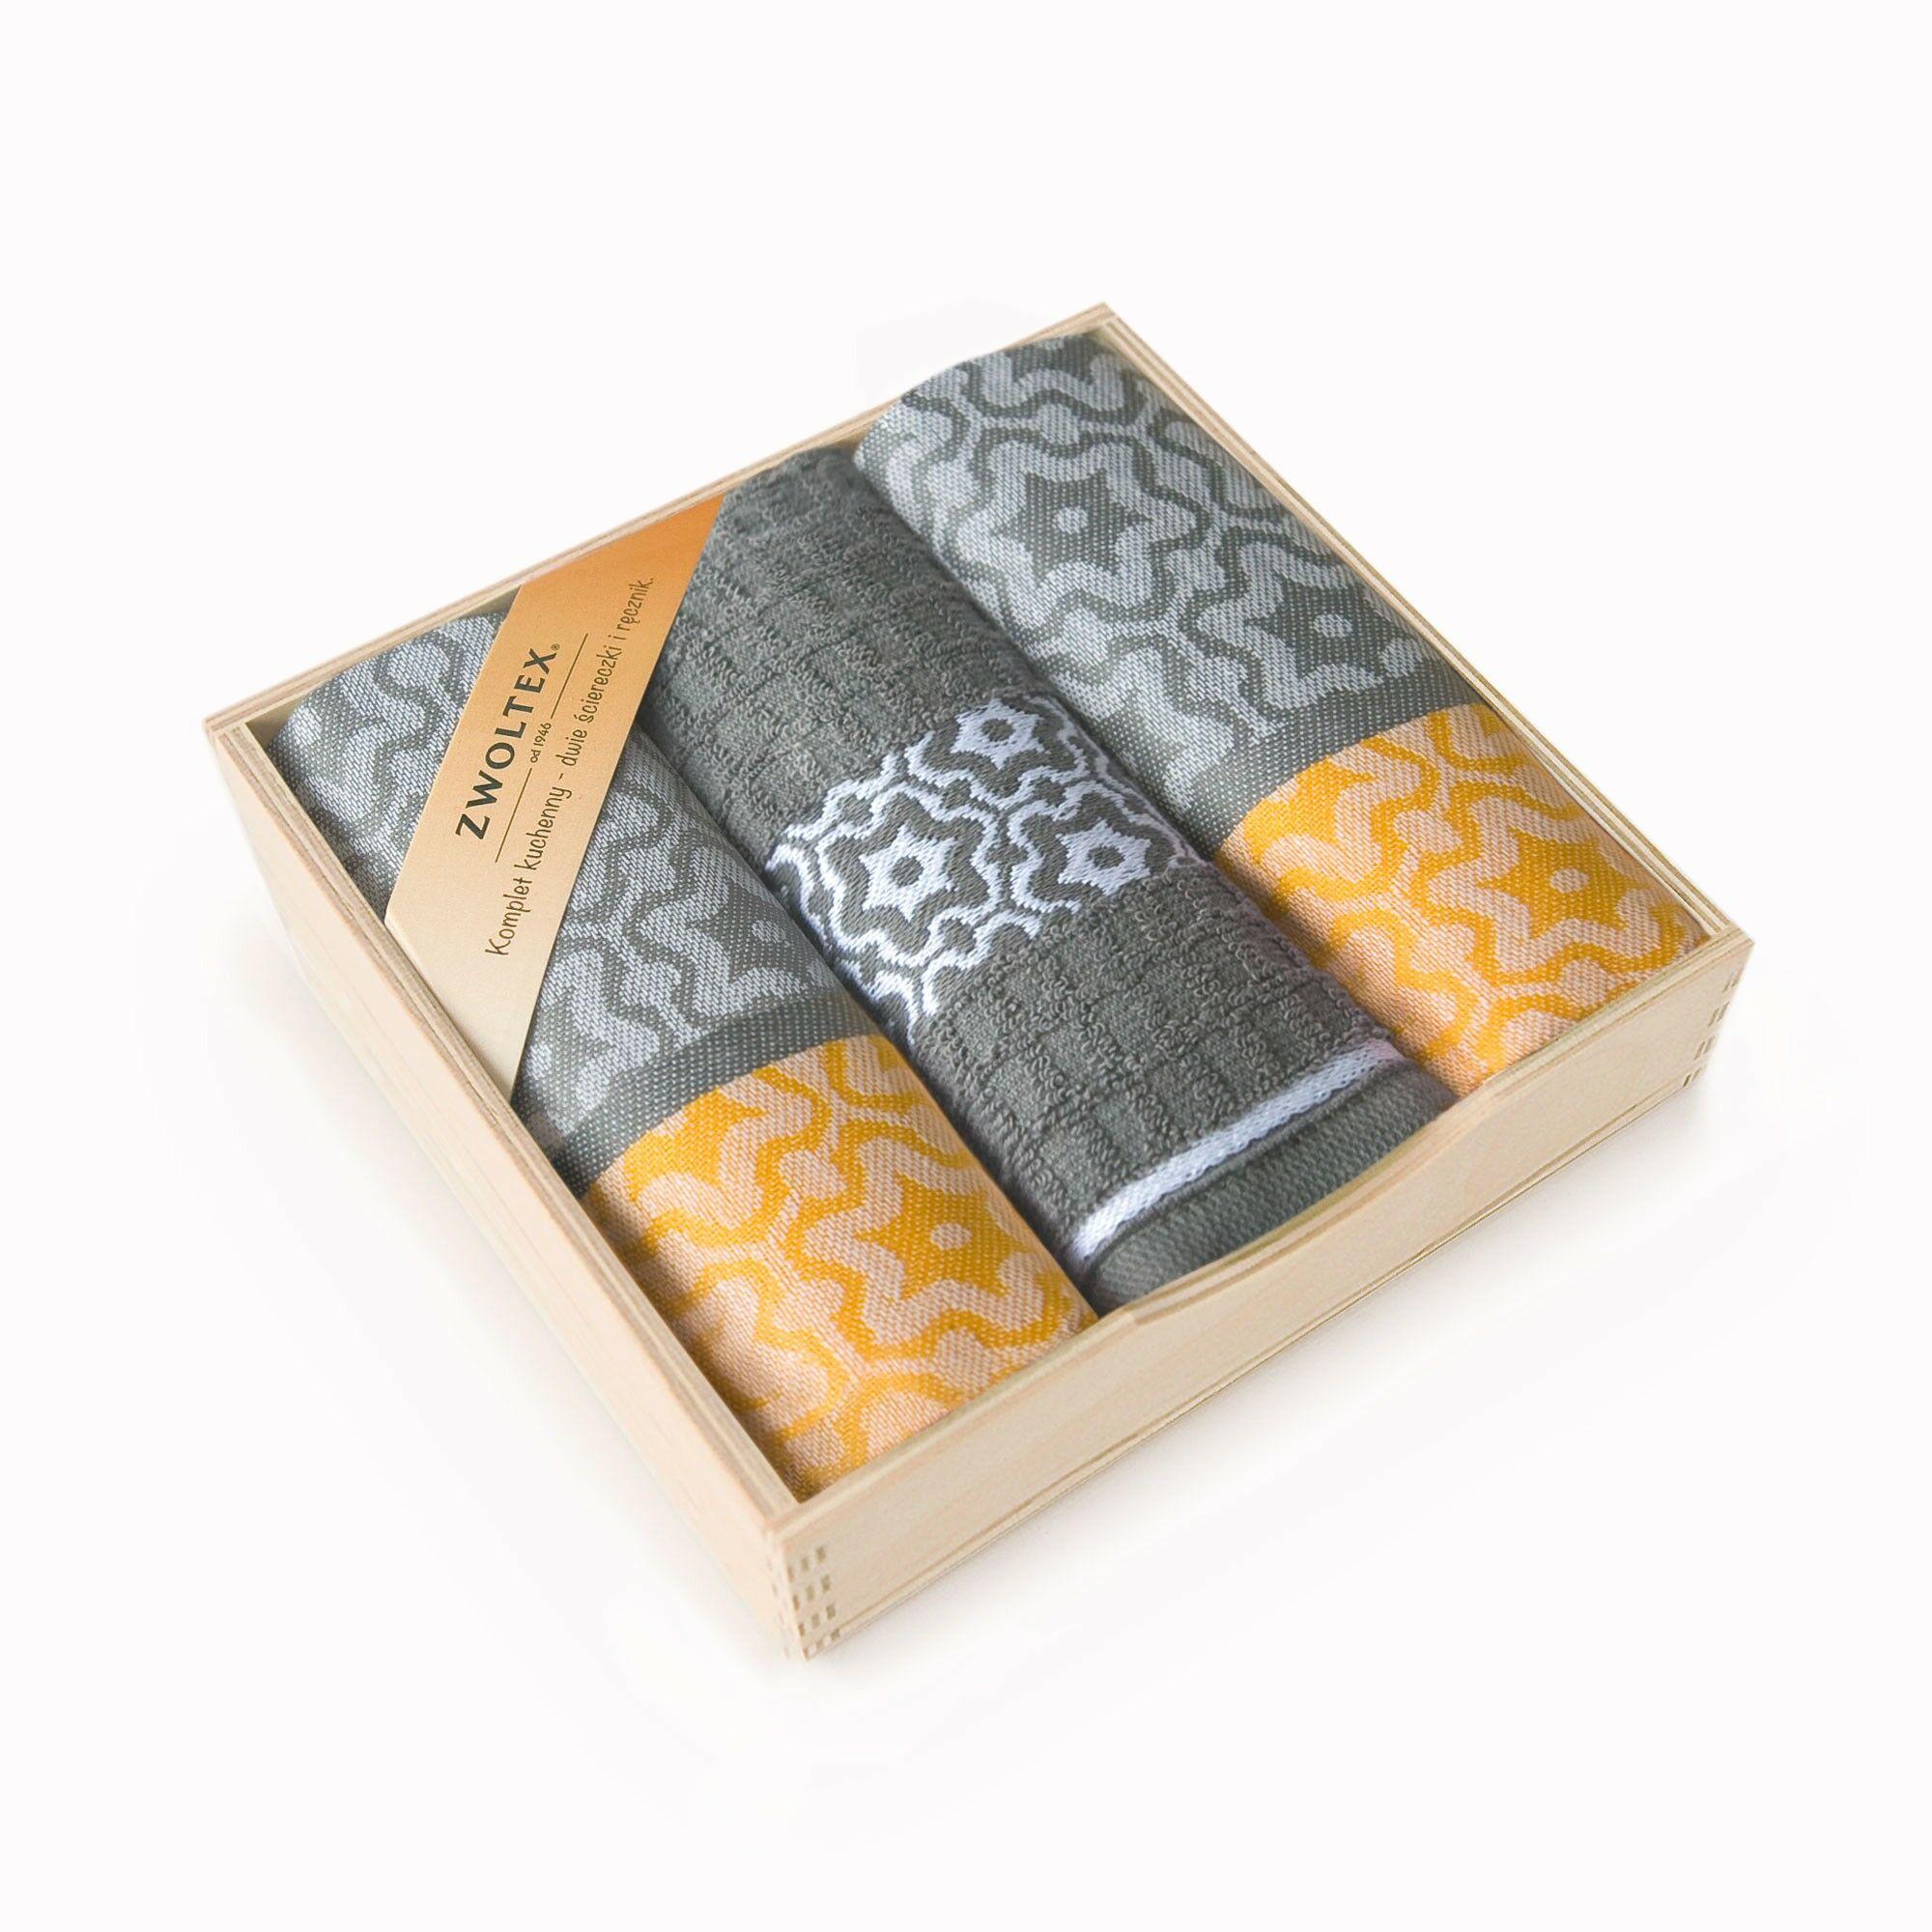 Komplet ścierek kuchennych Czapla 3szt Marsala szary żółty w drewnianym pudełku Zwoltex